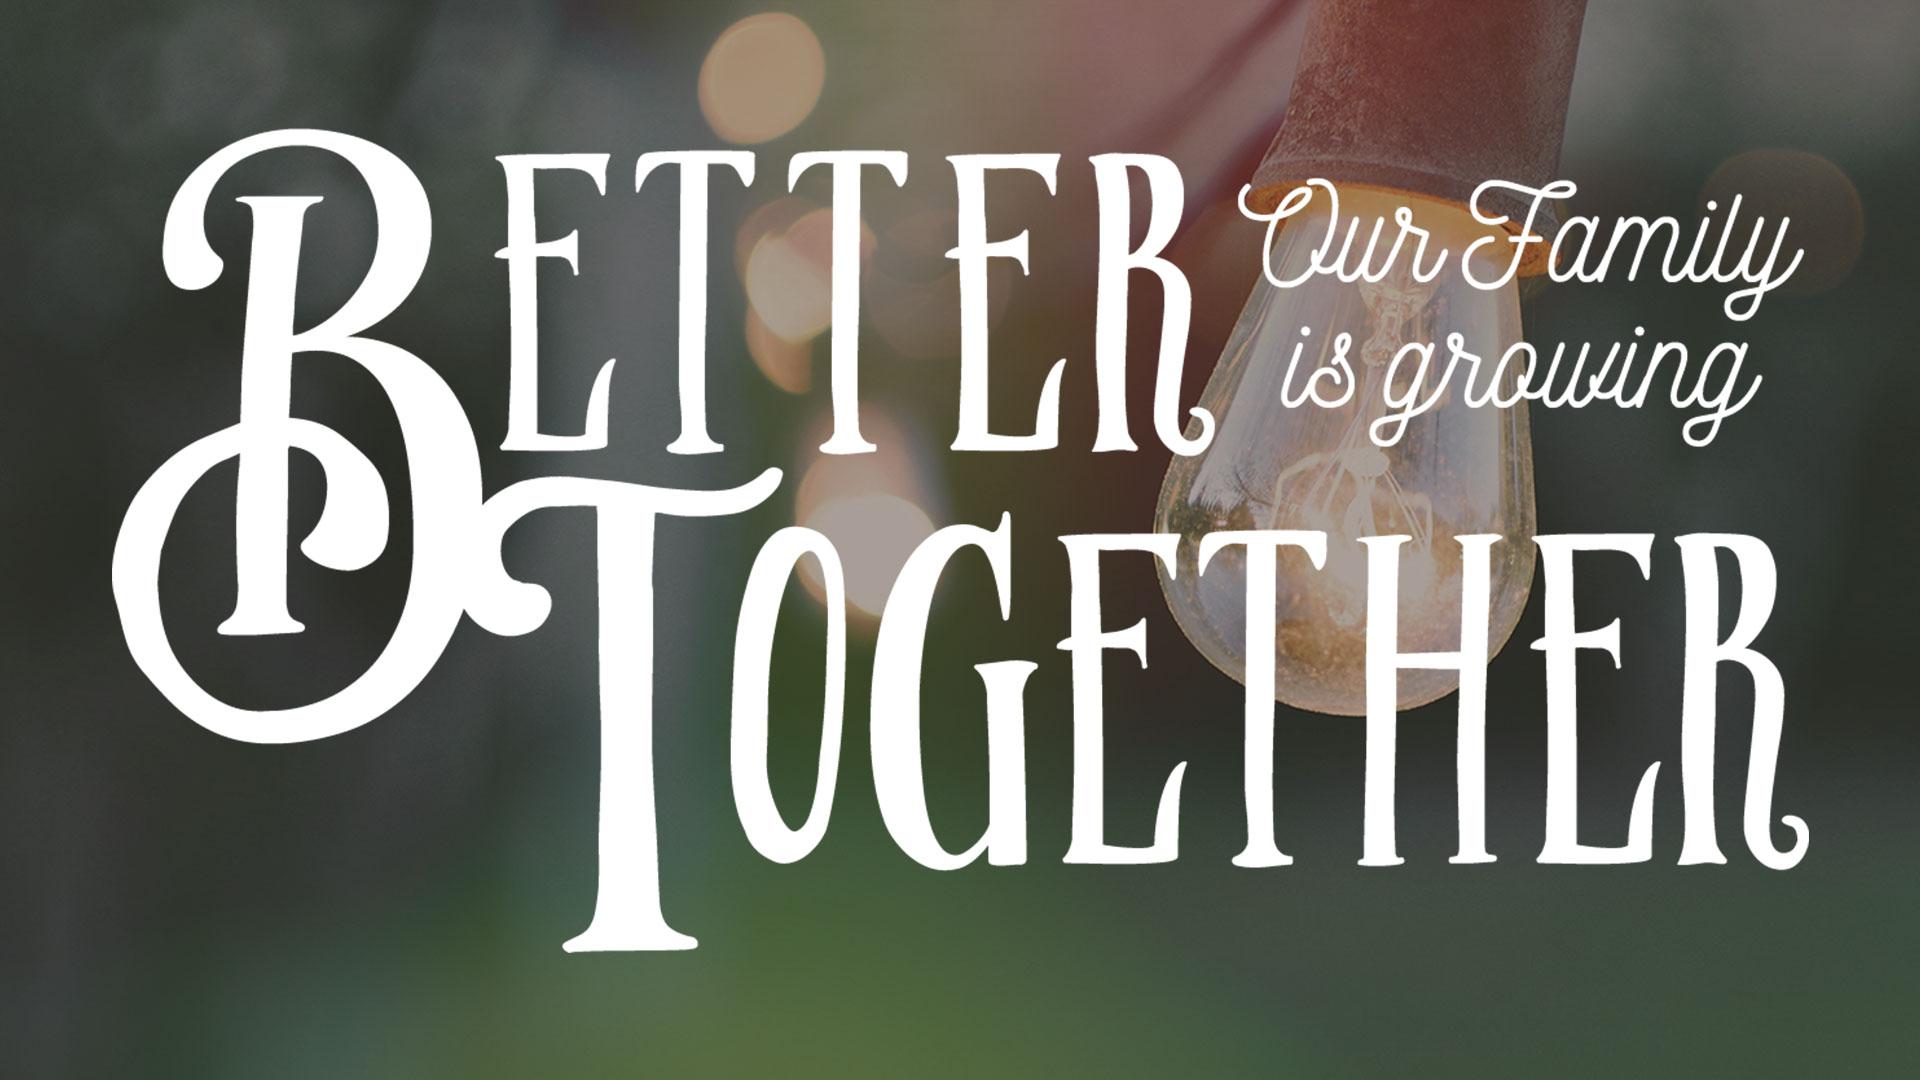 Better-Together2.jpg